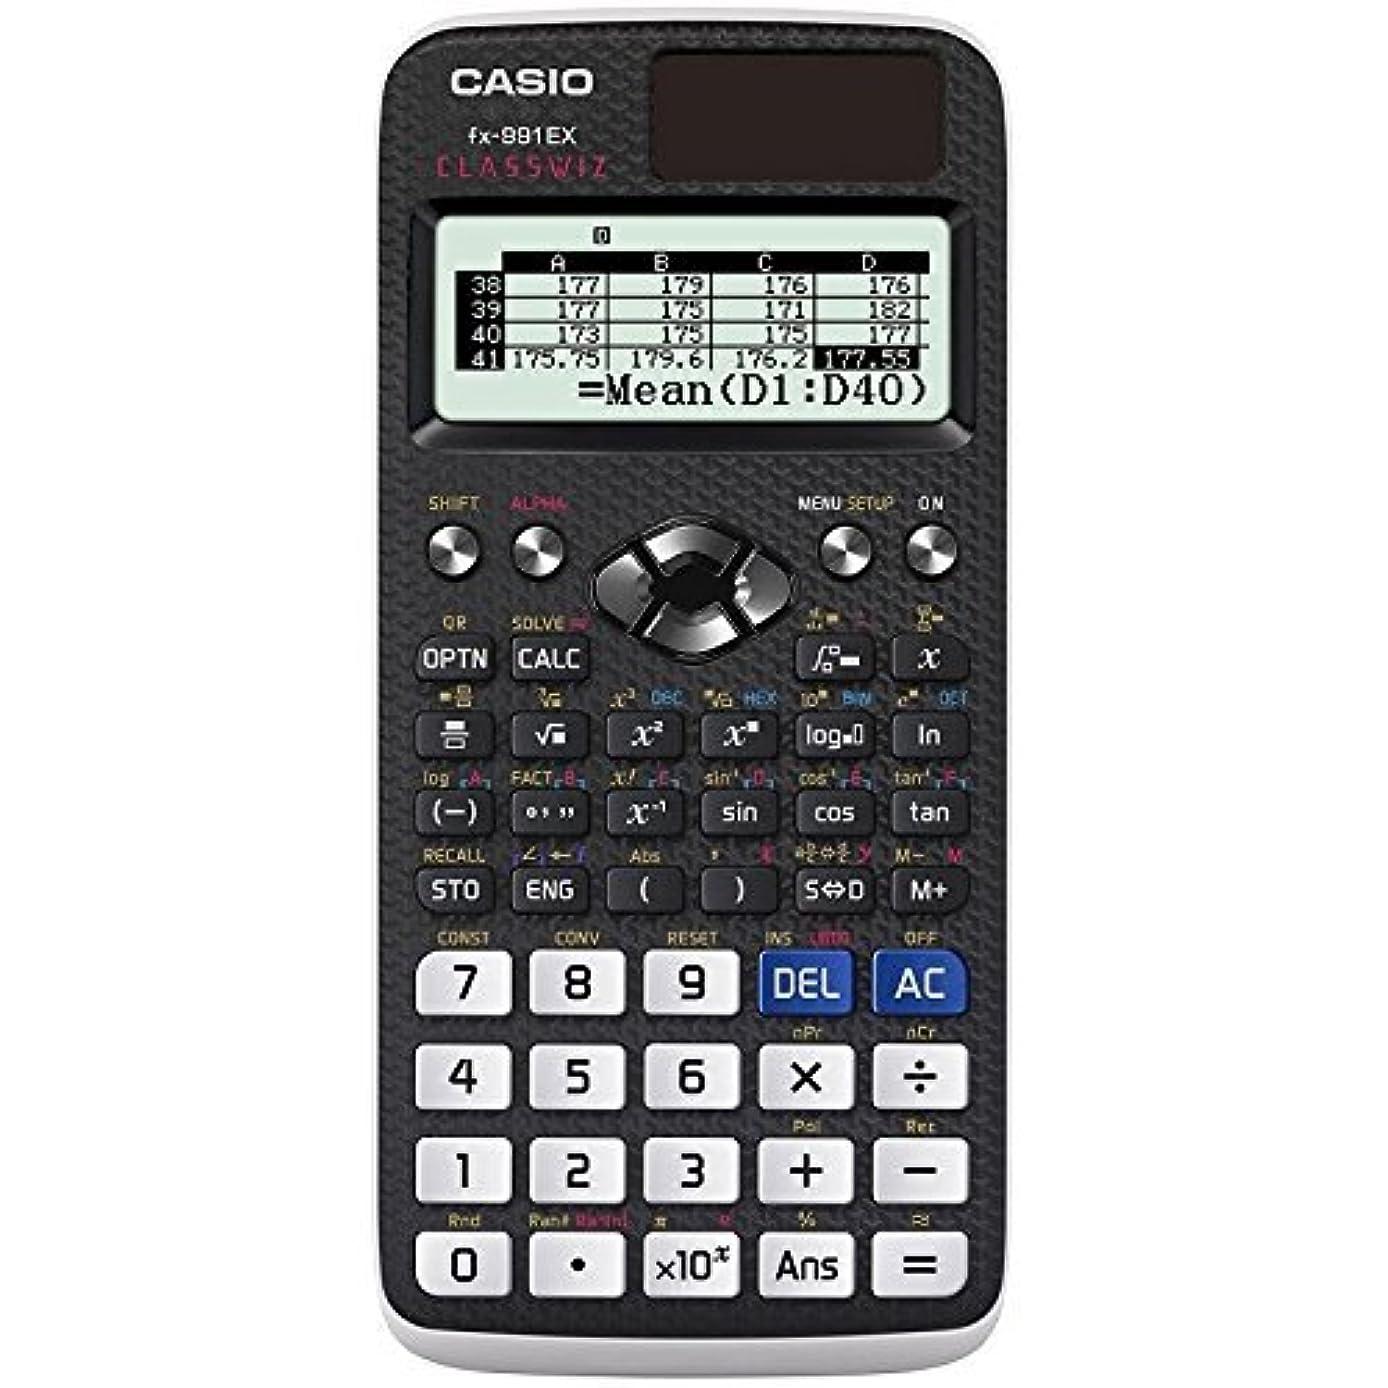 亡命ガイダンス重要な役割を果たす、中心的な手段となるCasio FX-991EX エンジニアリング/電卓 FX991EX Black [並行輸入品]